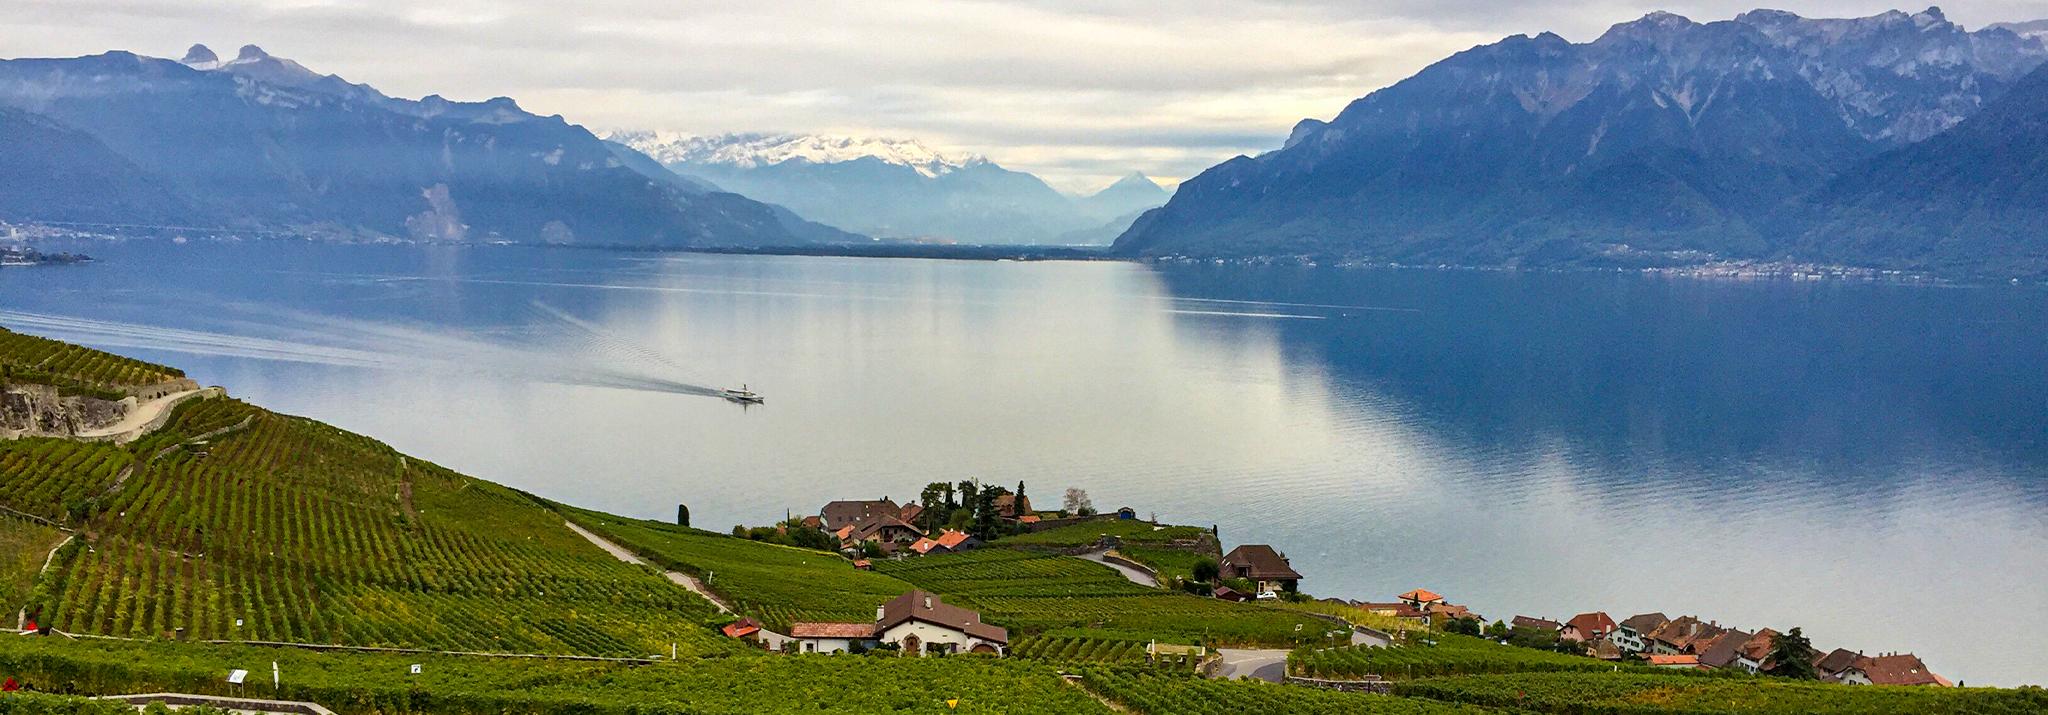 mont-sur-rolle-lac-leman-domaine-maison-blanche-switzerland-wine